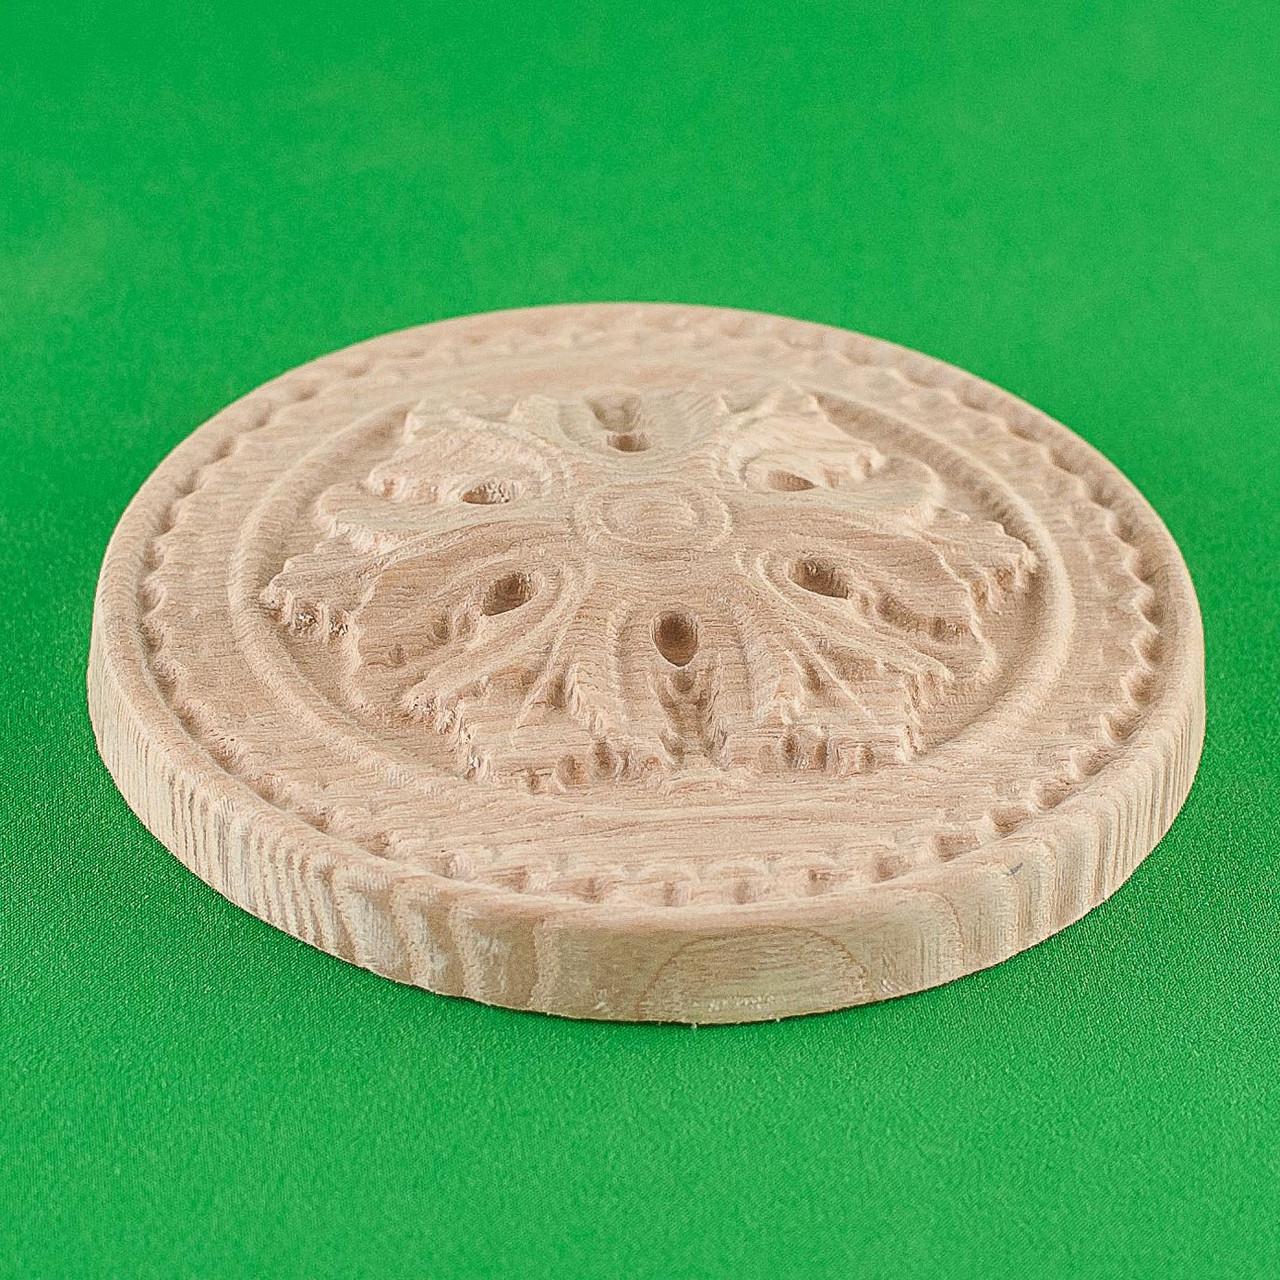 Код ДЦ7. Резной деревянный декор для мебели. Декор центральный